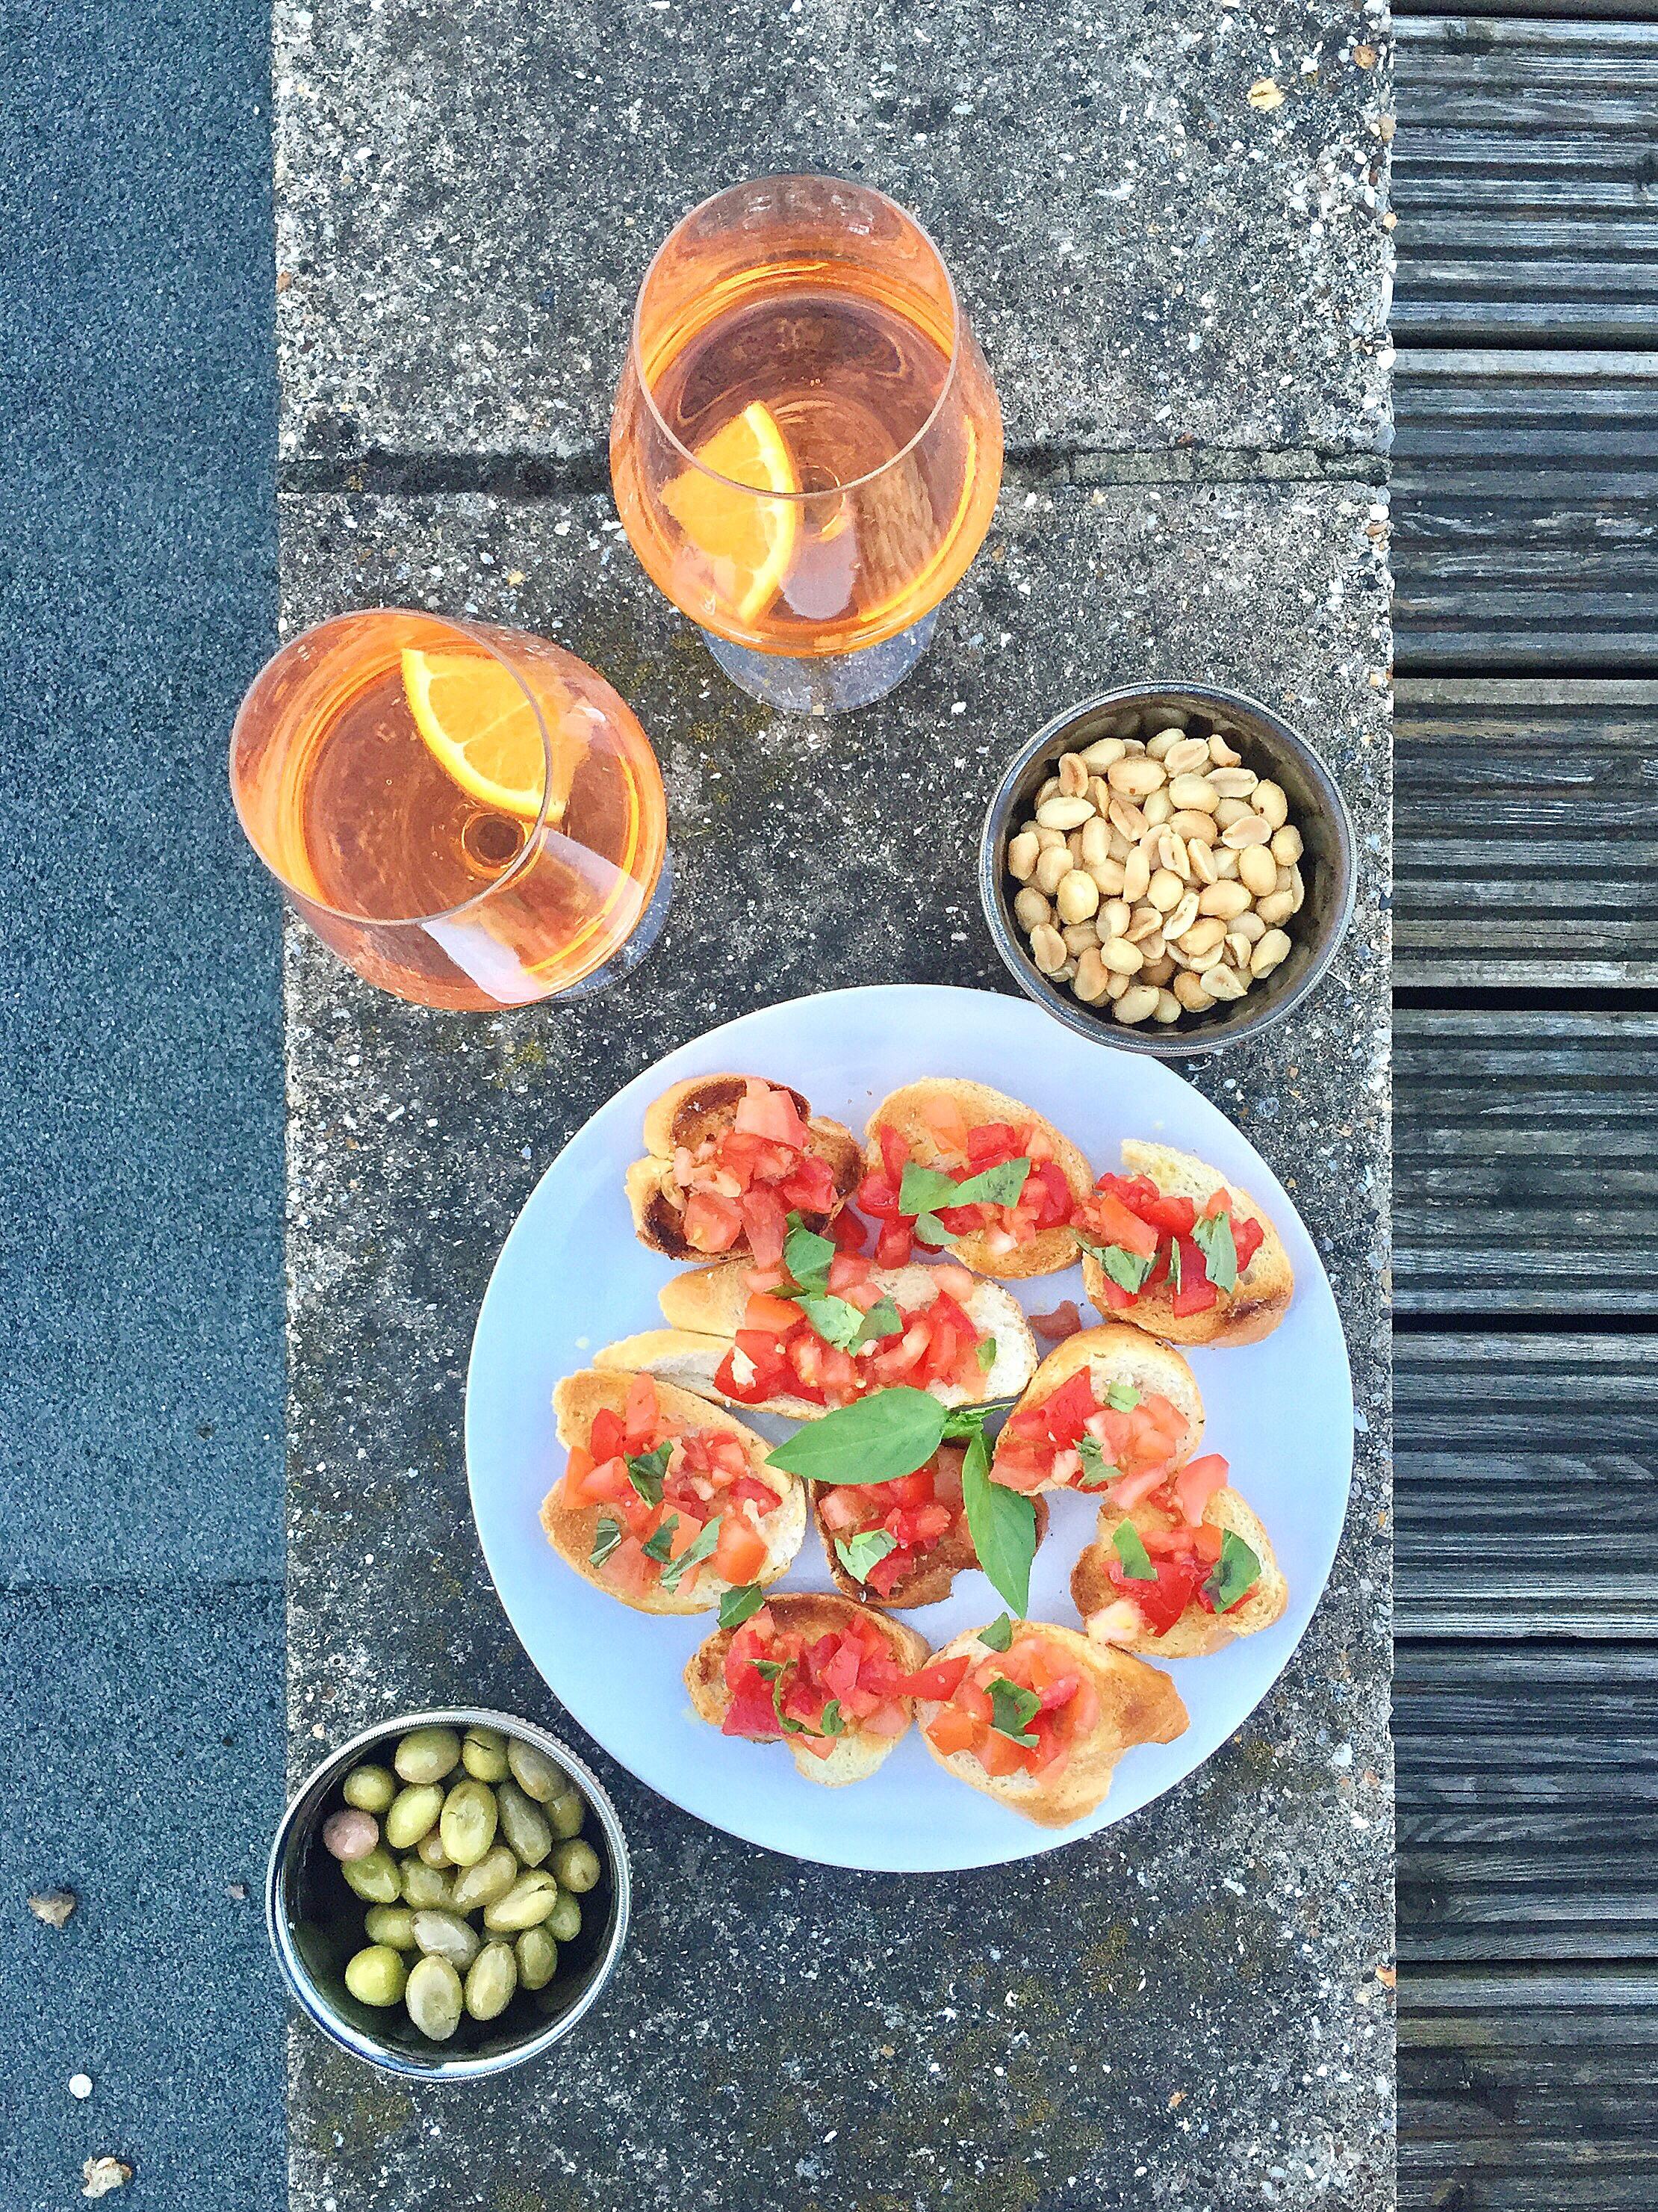 An Italian Feast